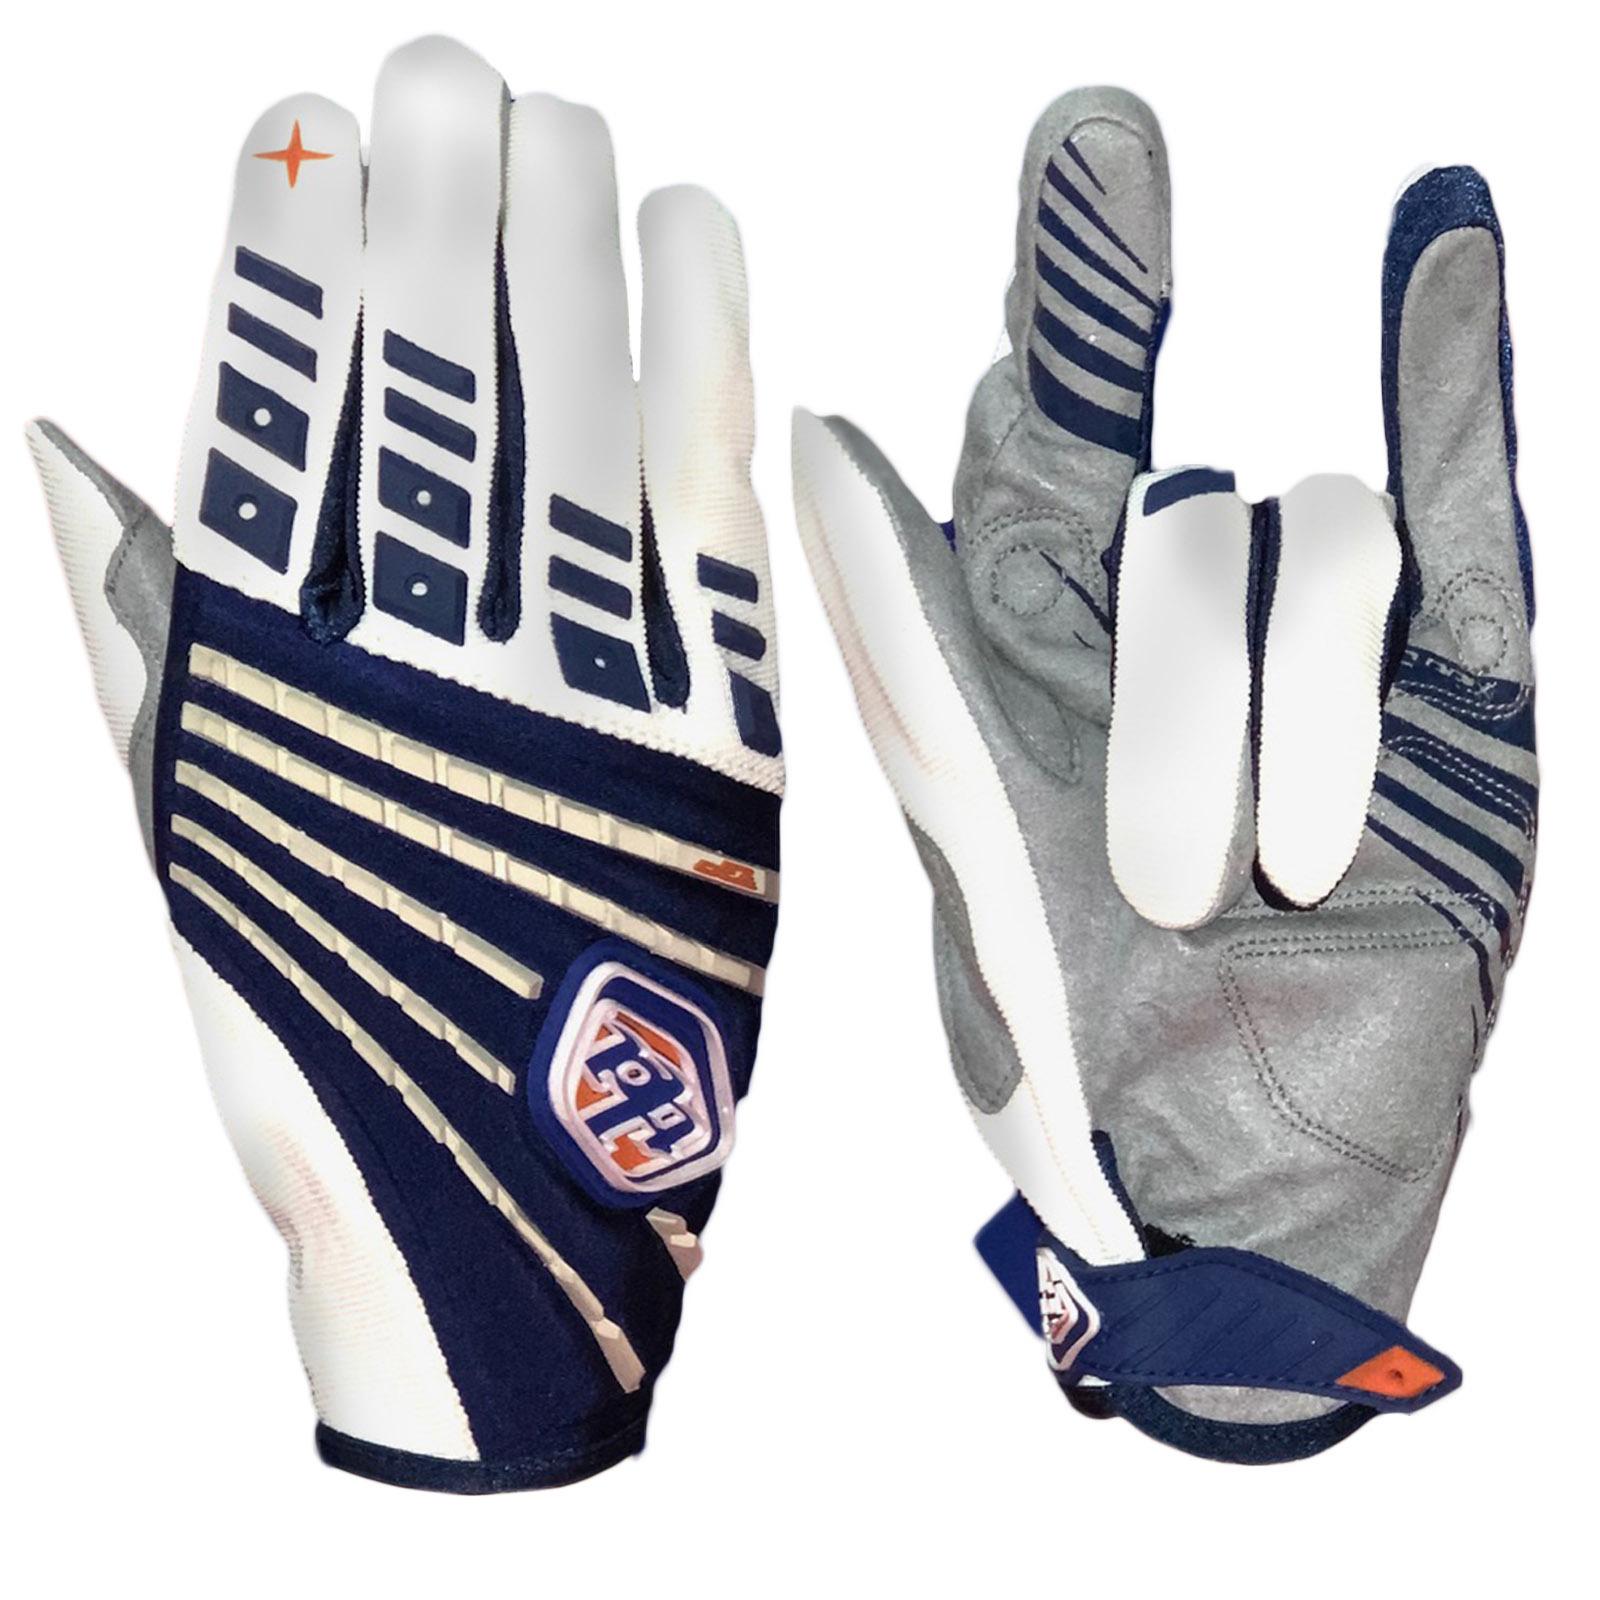 Байкерские перчатки Kamukamu контрастные 730409